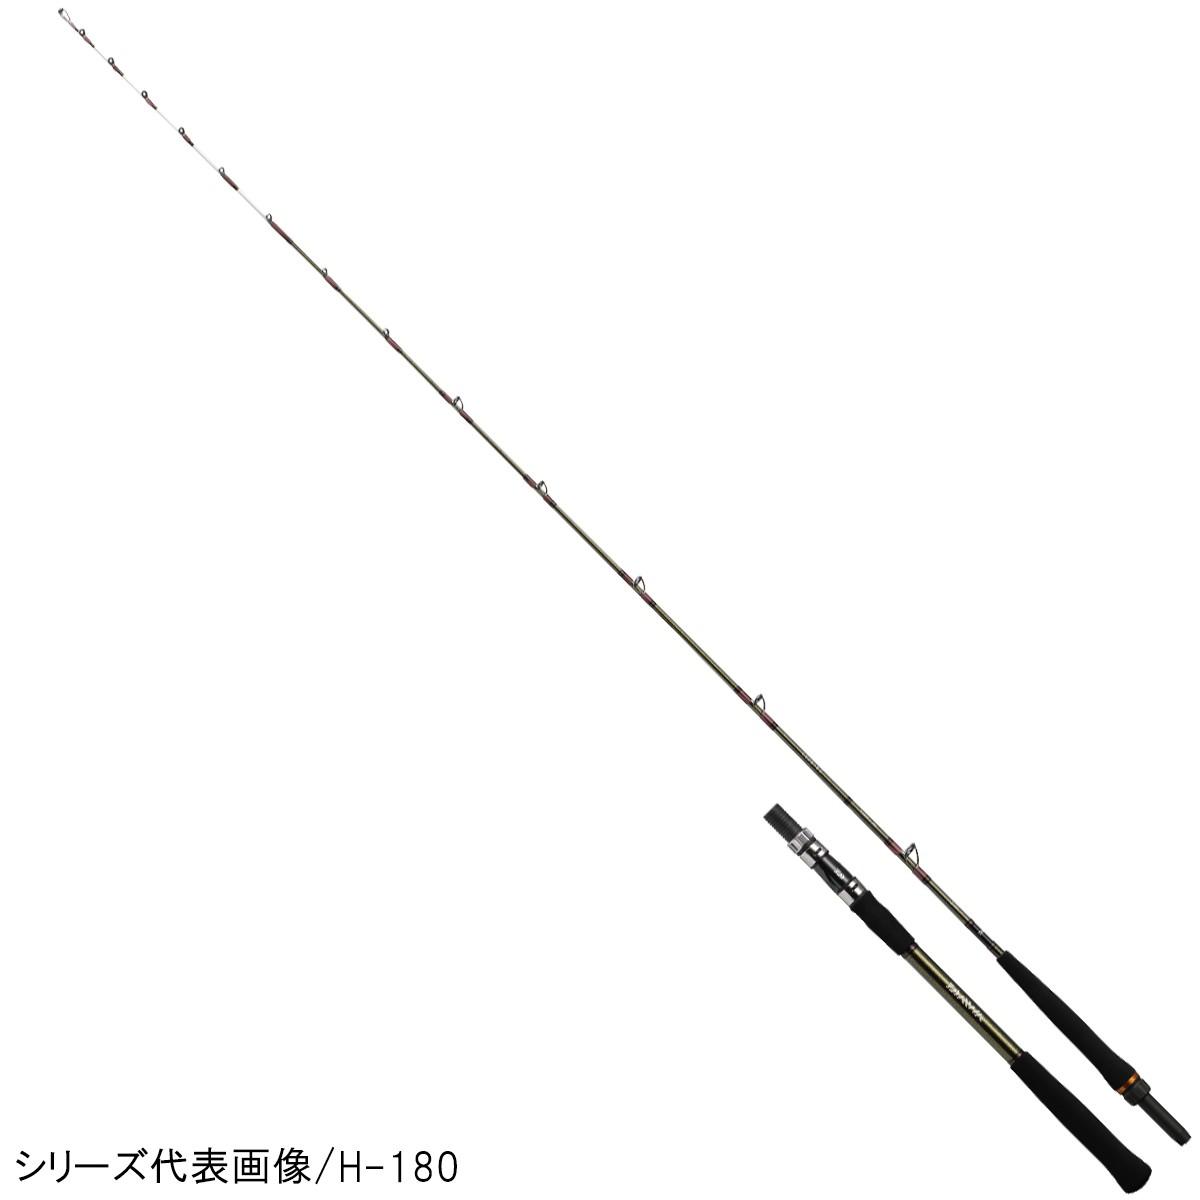 ダイワ リーディング サソイ M-180【送料無料】